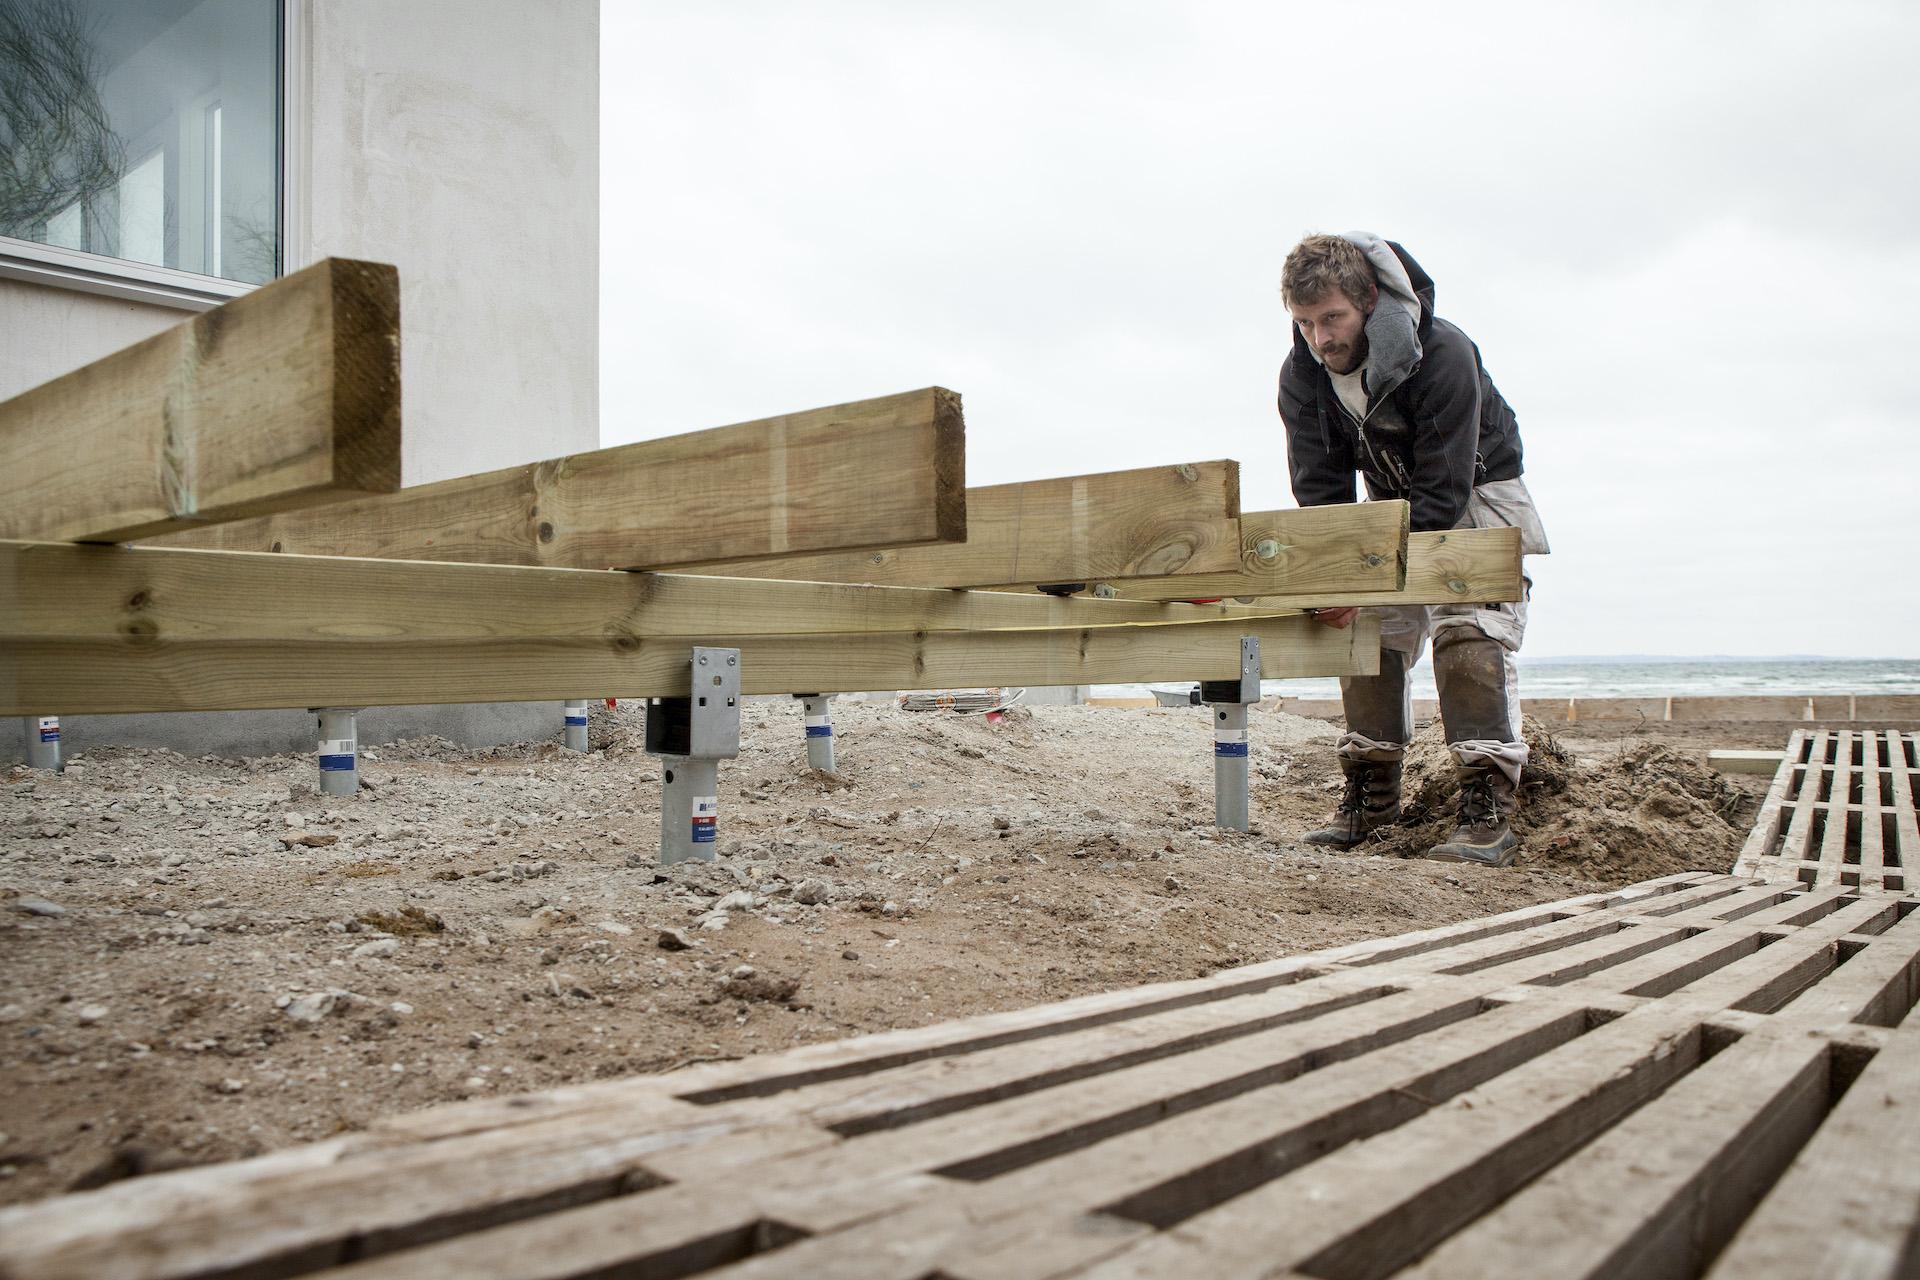 Tømrermestre: Kunderne vælger skruefundamenter